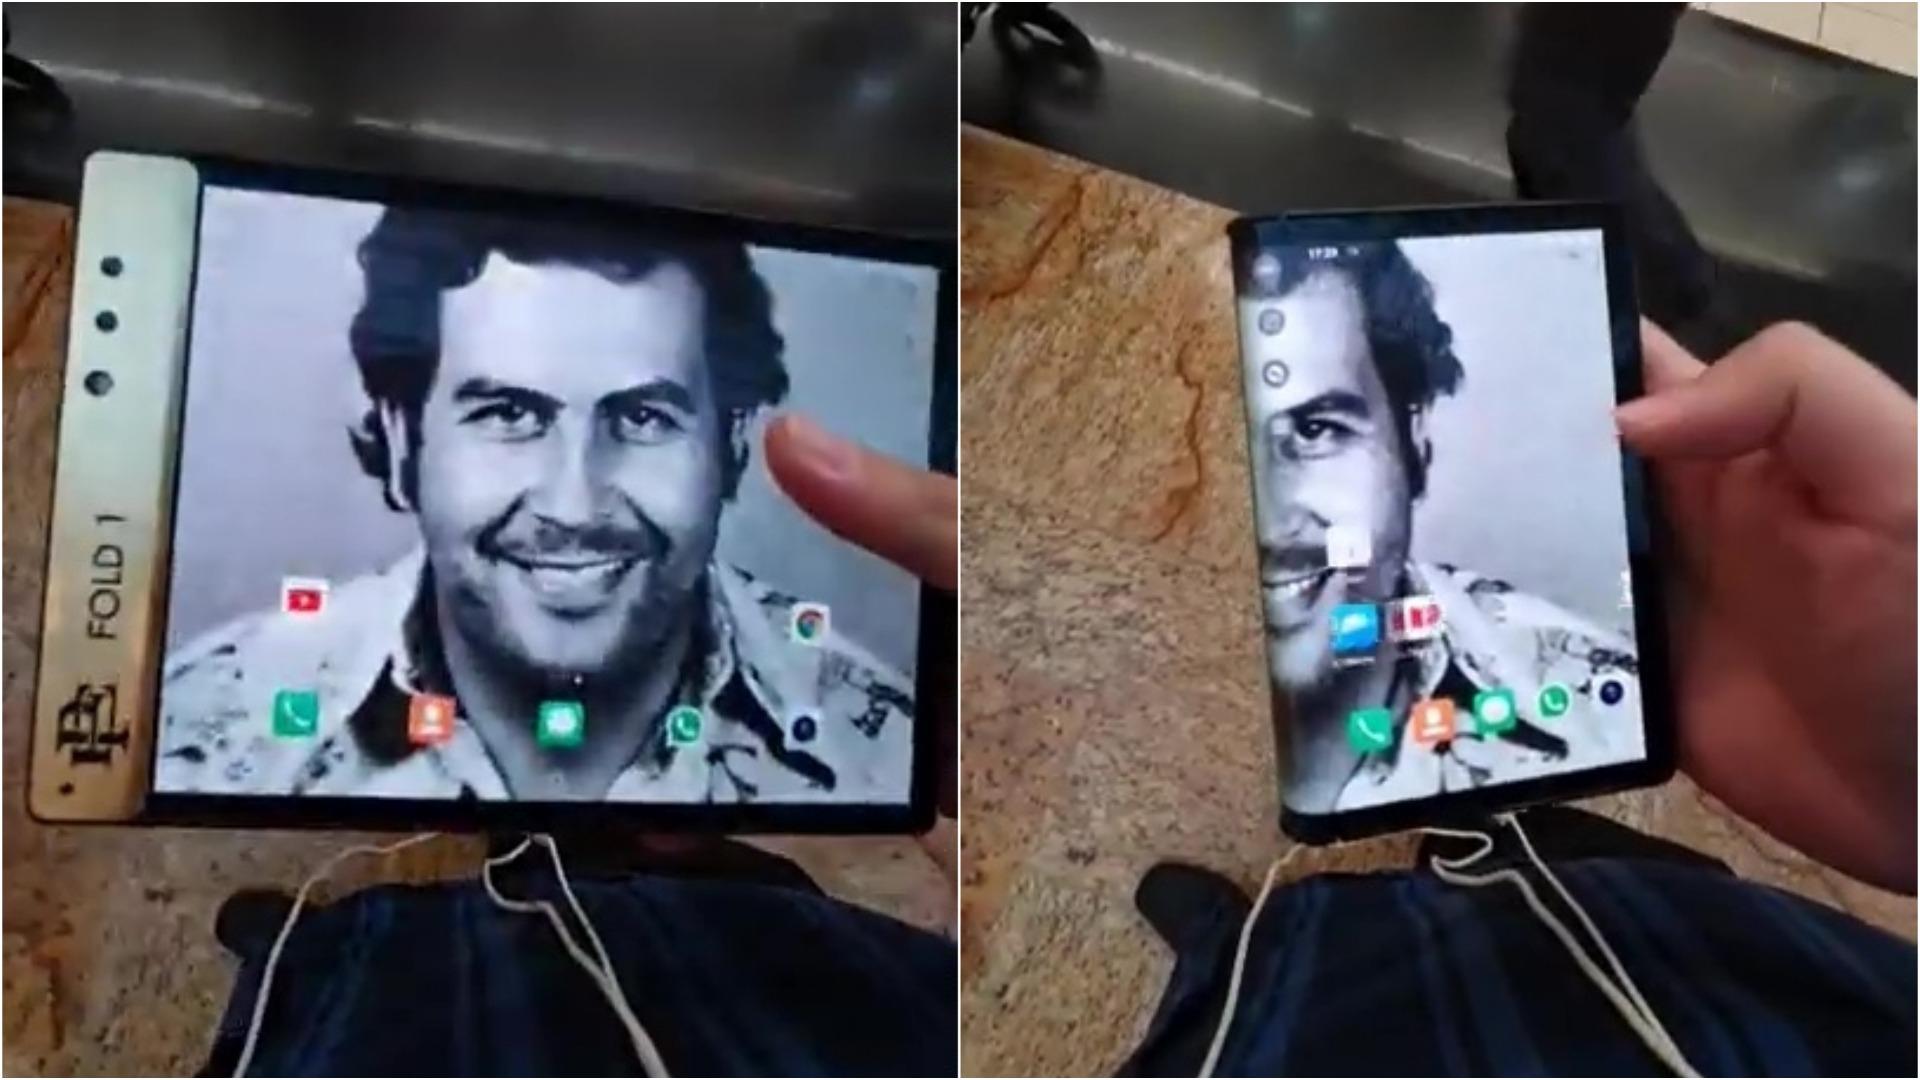 Irmão de Pablo Escobar pede US$ 30 bilhões em ação contra a Apple